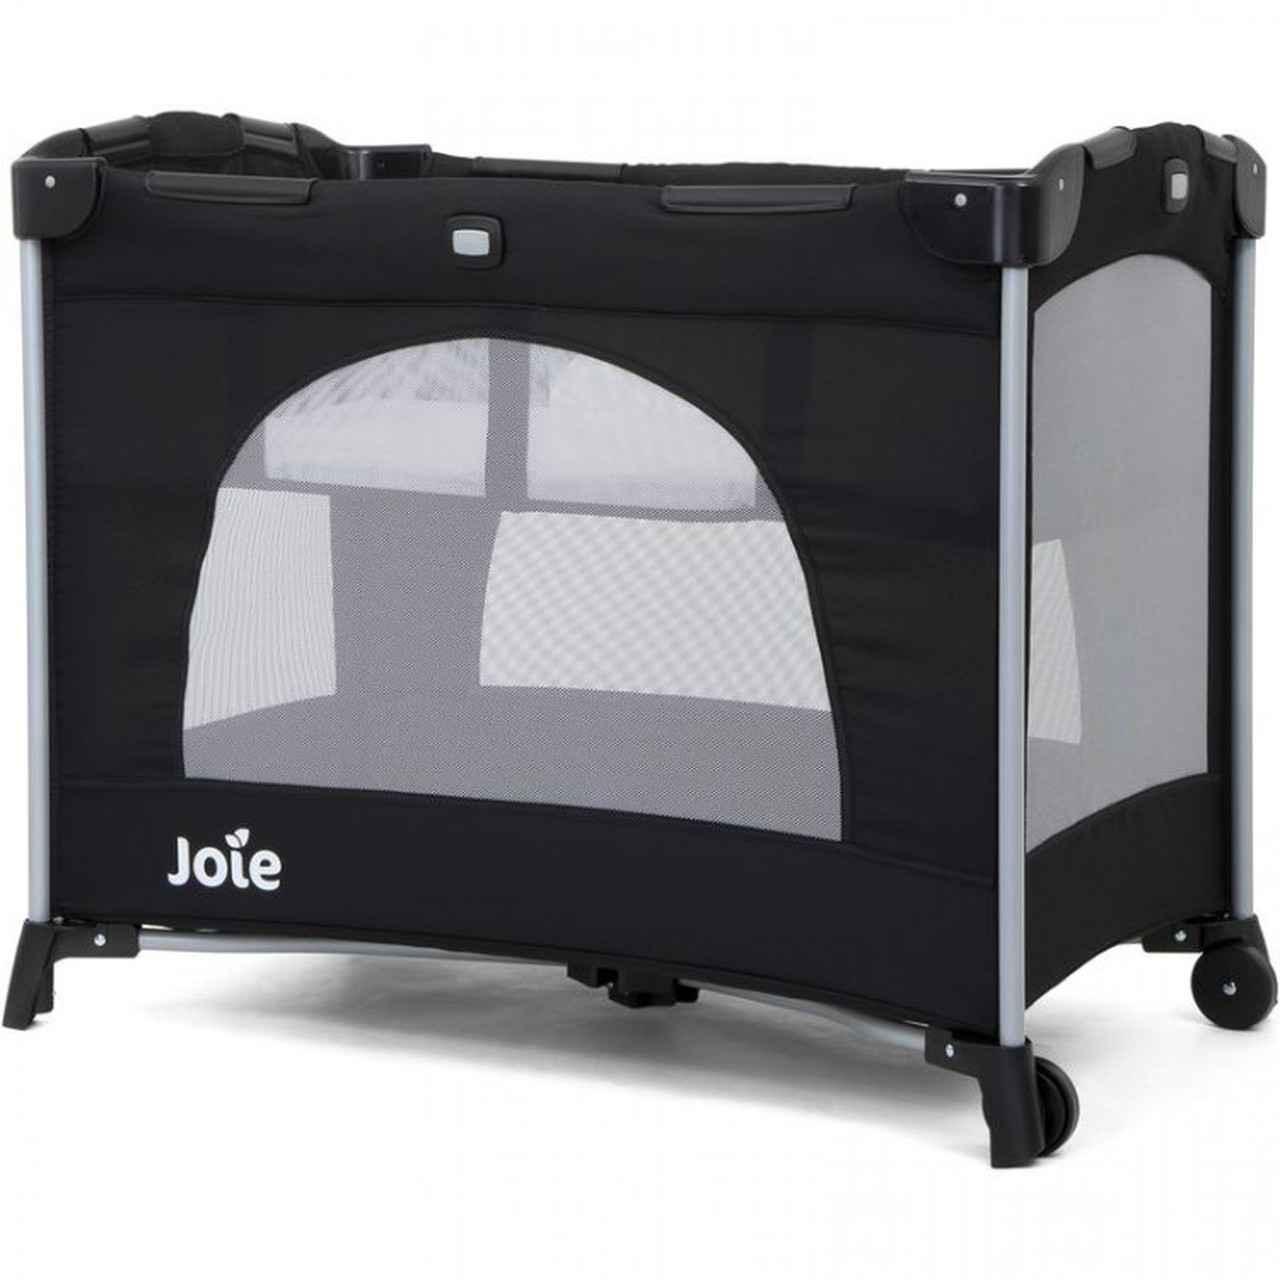 Joie Kubbie - Coal